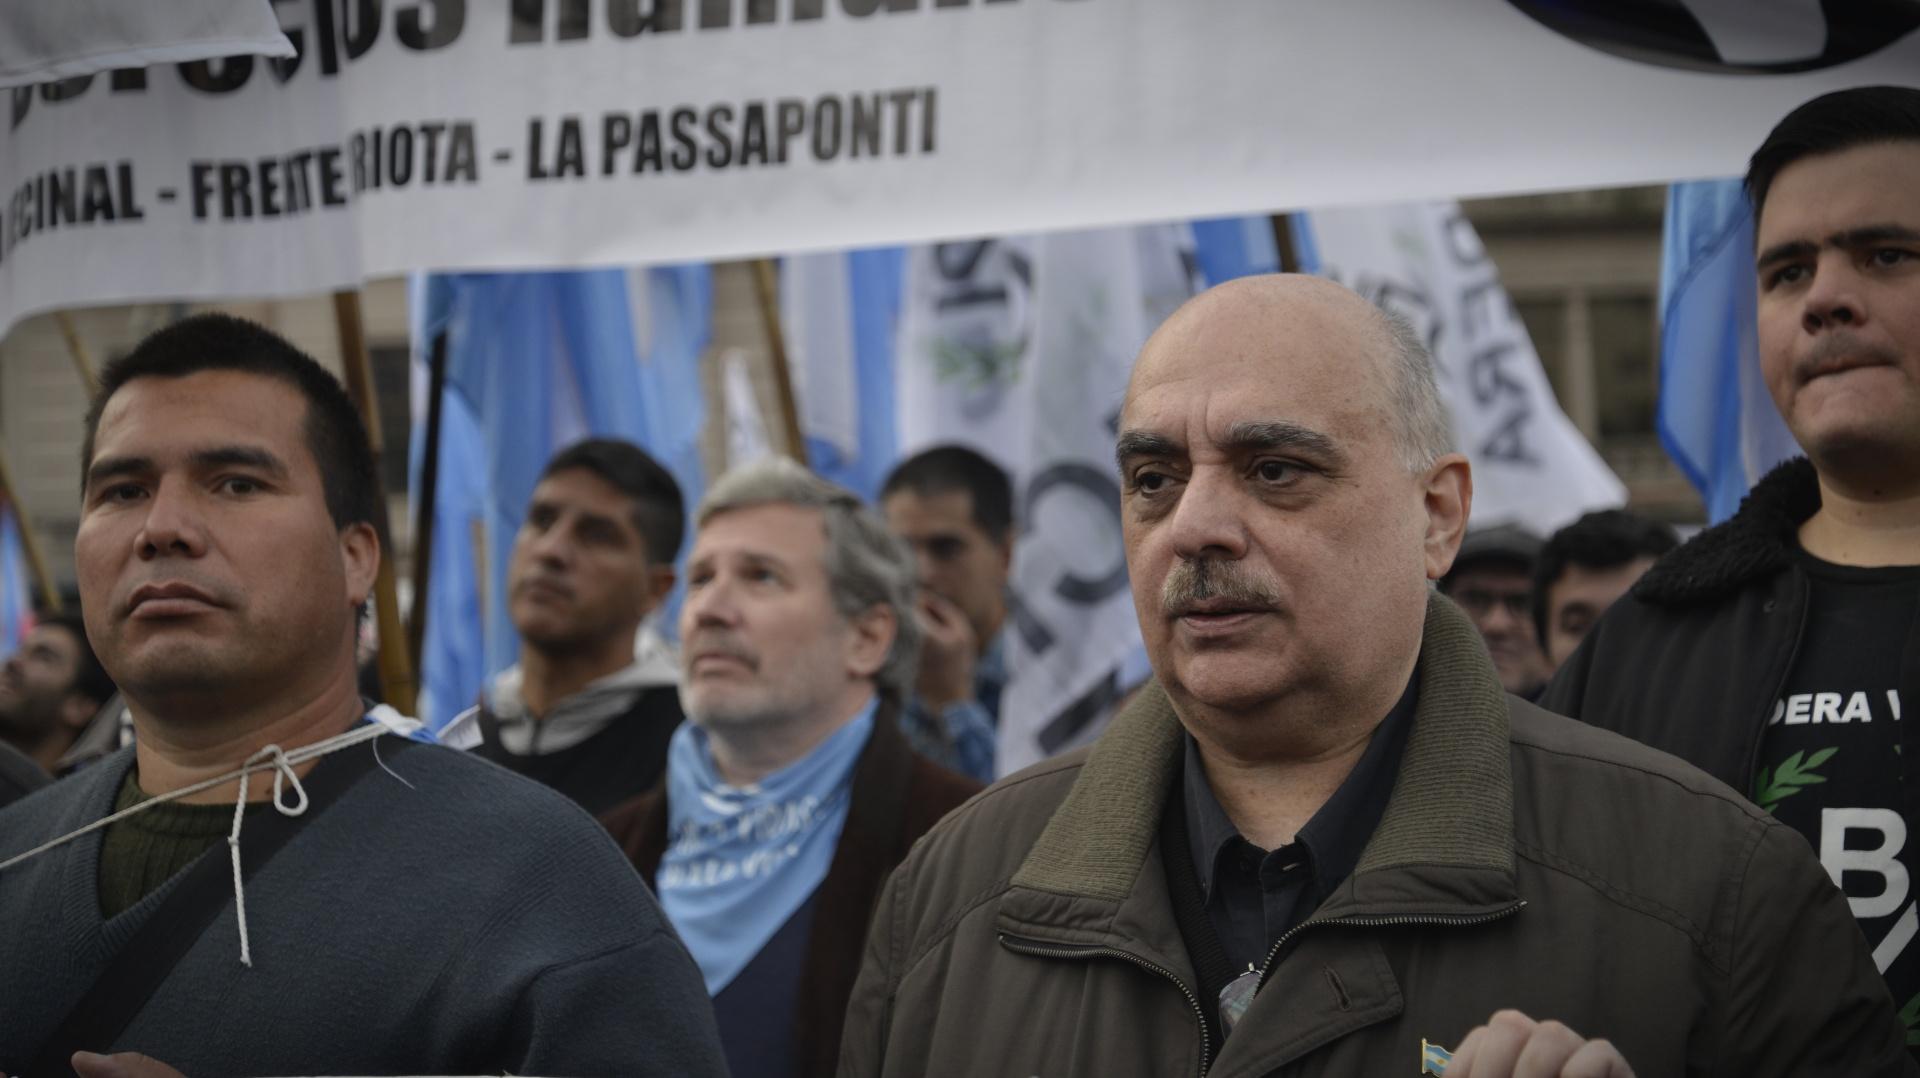 También estuvo en la marcha Alejandro Biondini, referente de distintas agrupaciones nacionalistas